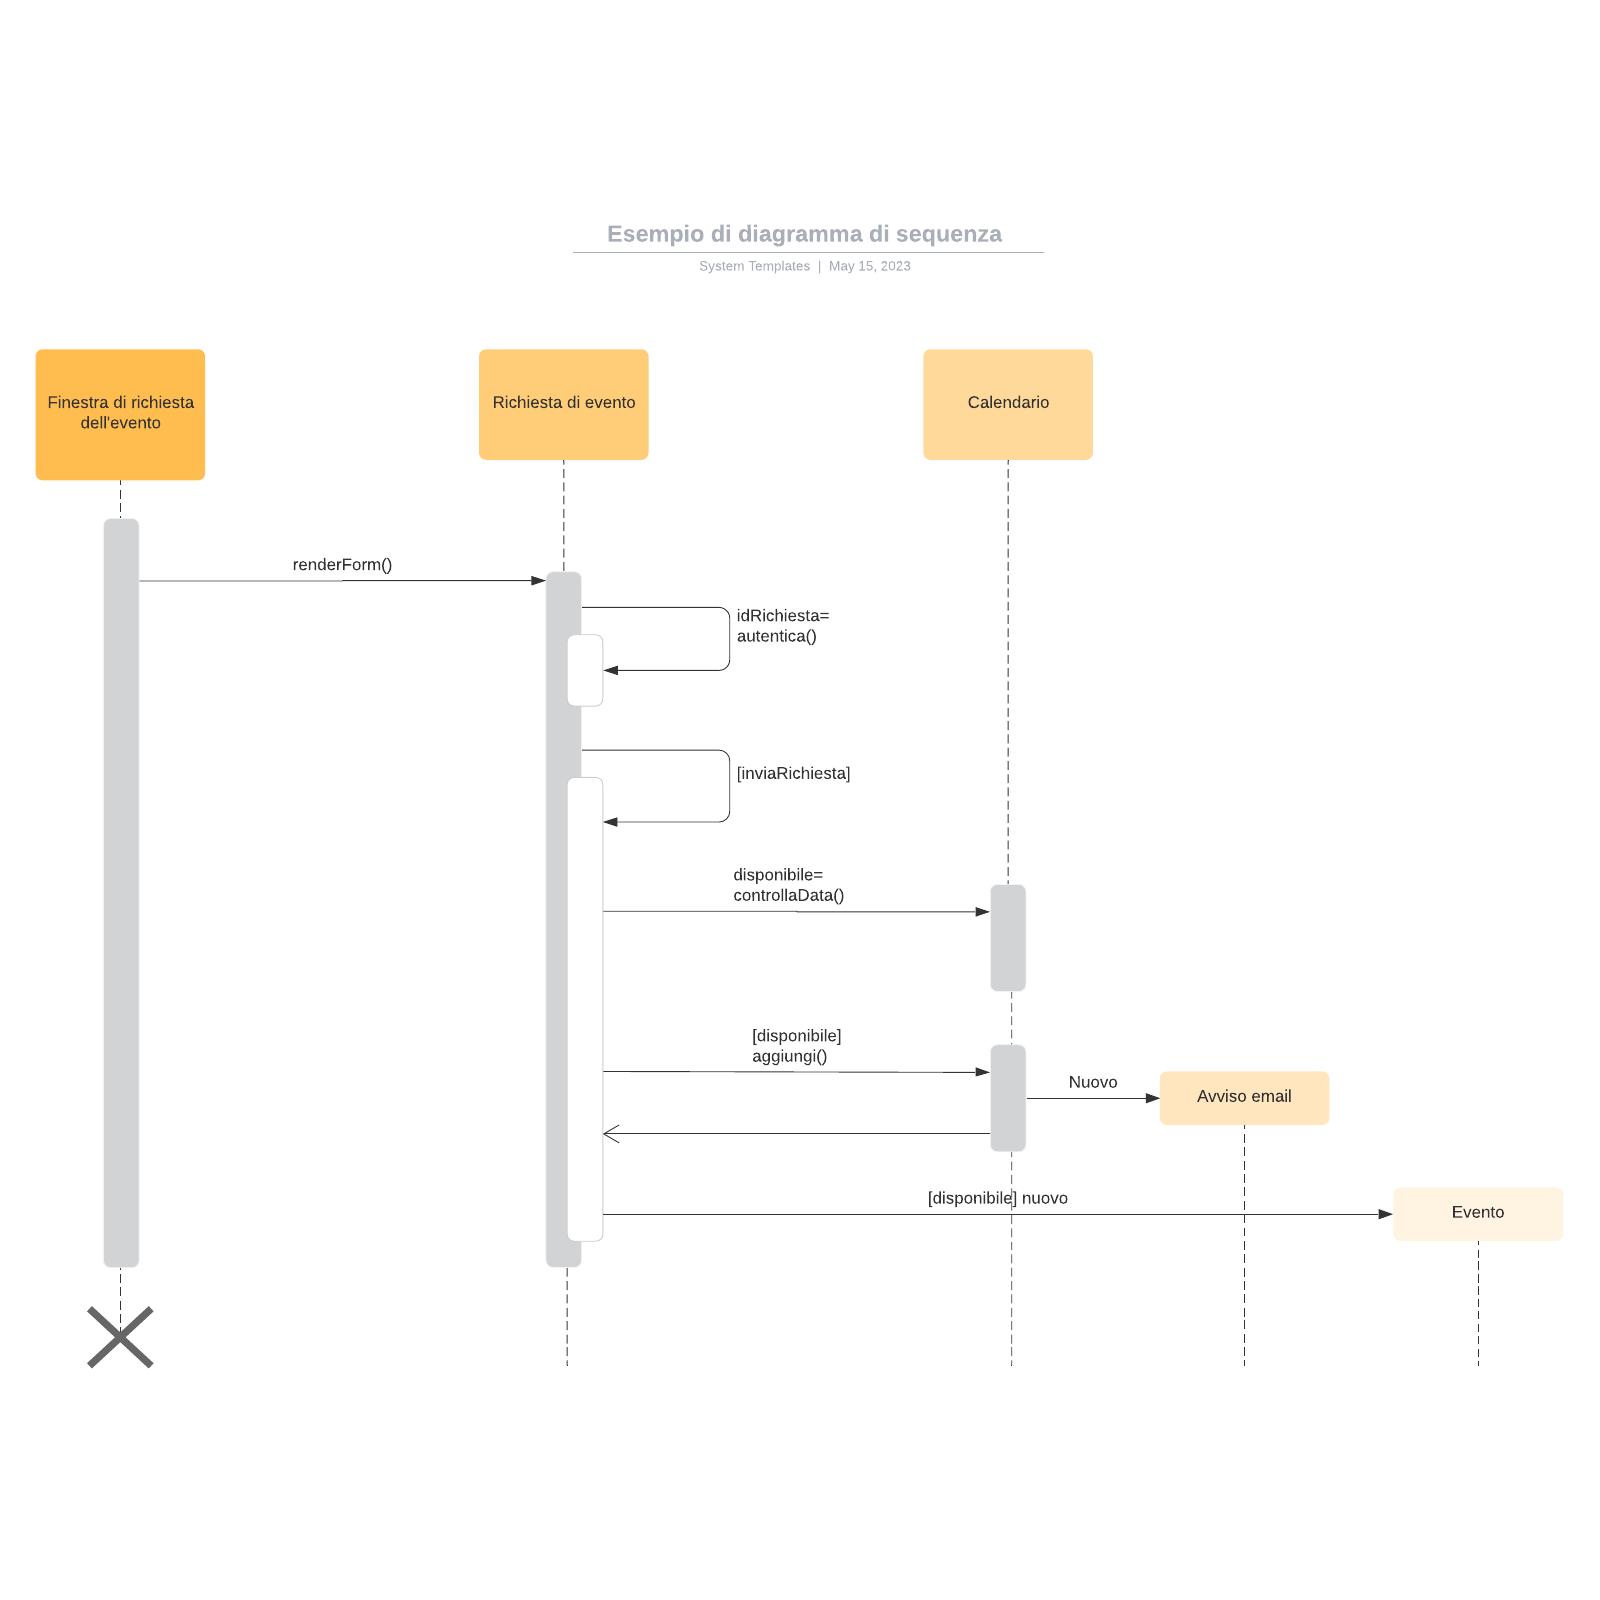 Esempio di diagramma di sequenza